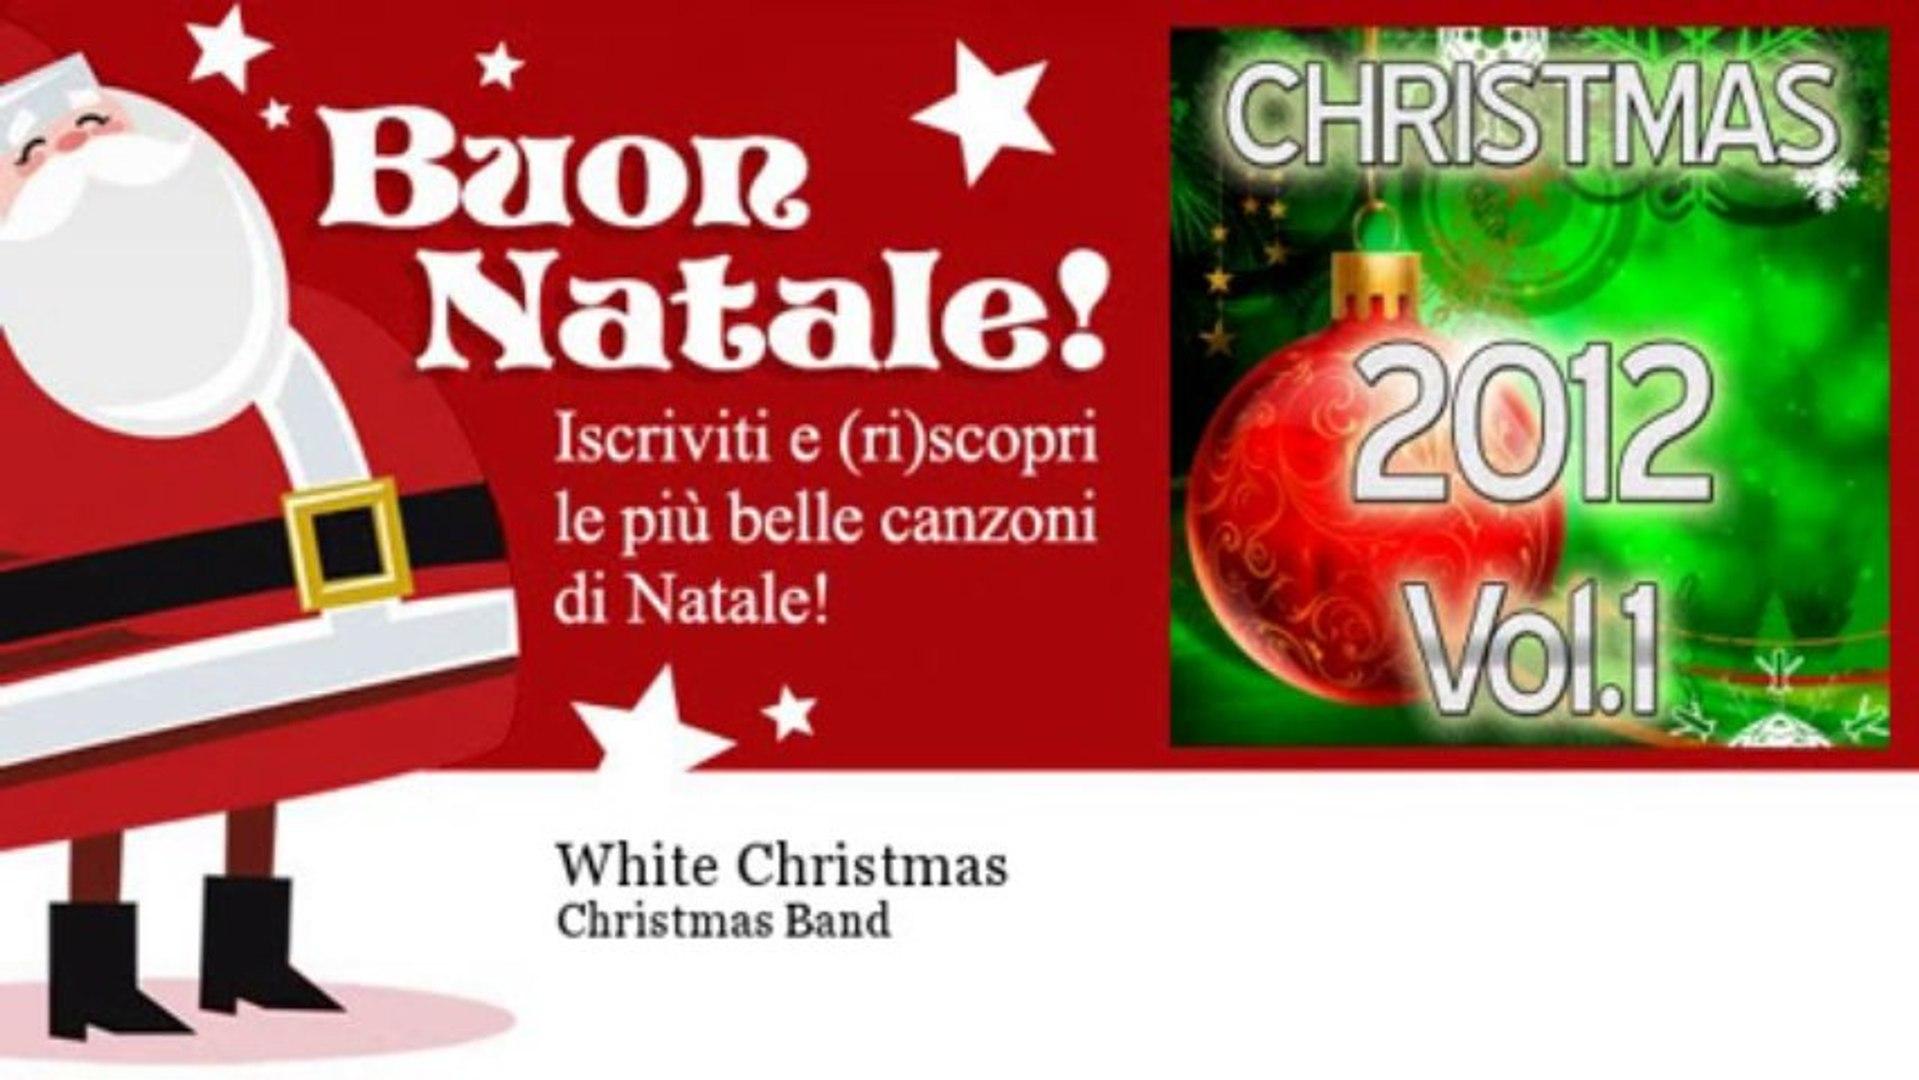 Christmas Band - White Christmas